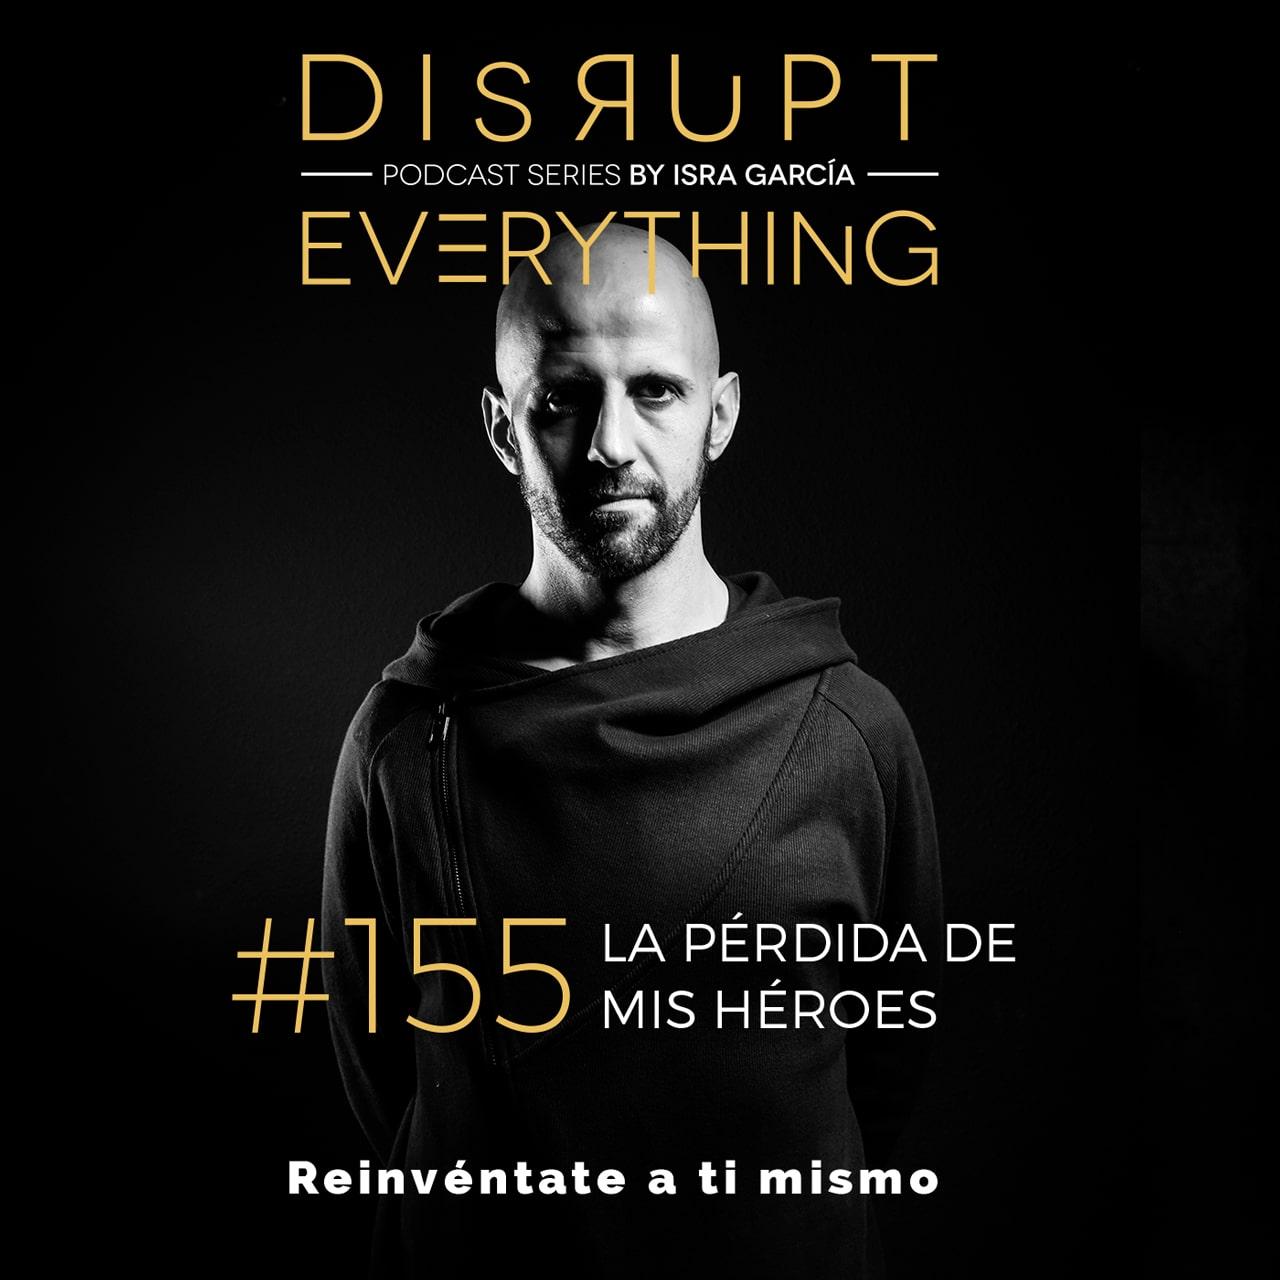 Que he aprendido de la pérdida de tres mis héroes - Disrupt Everything #155